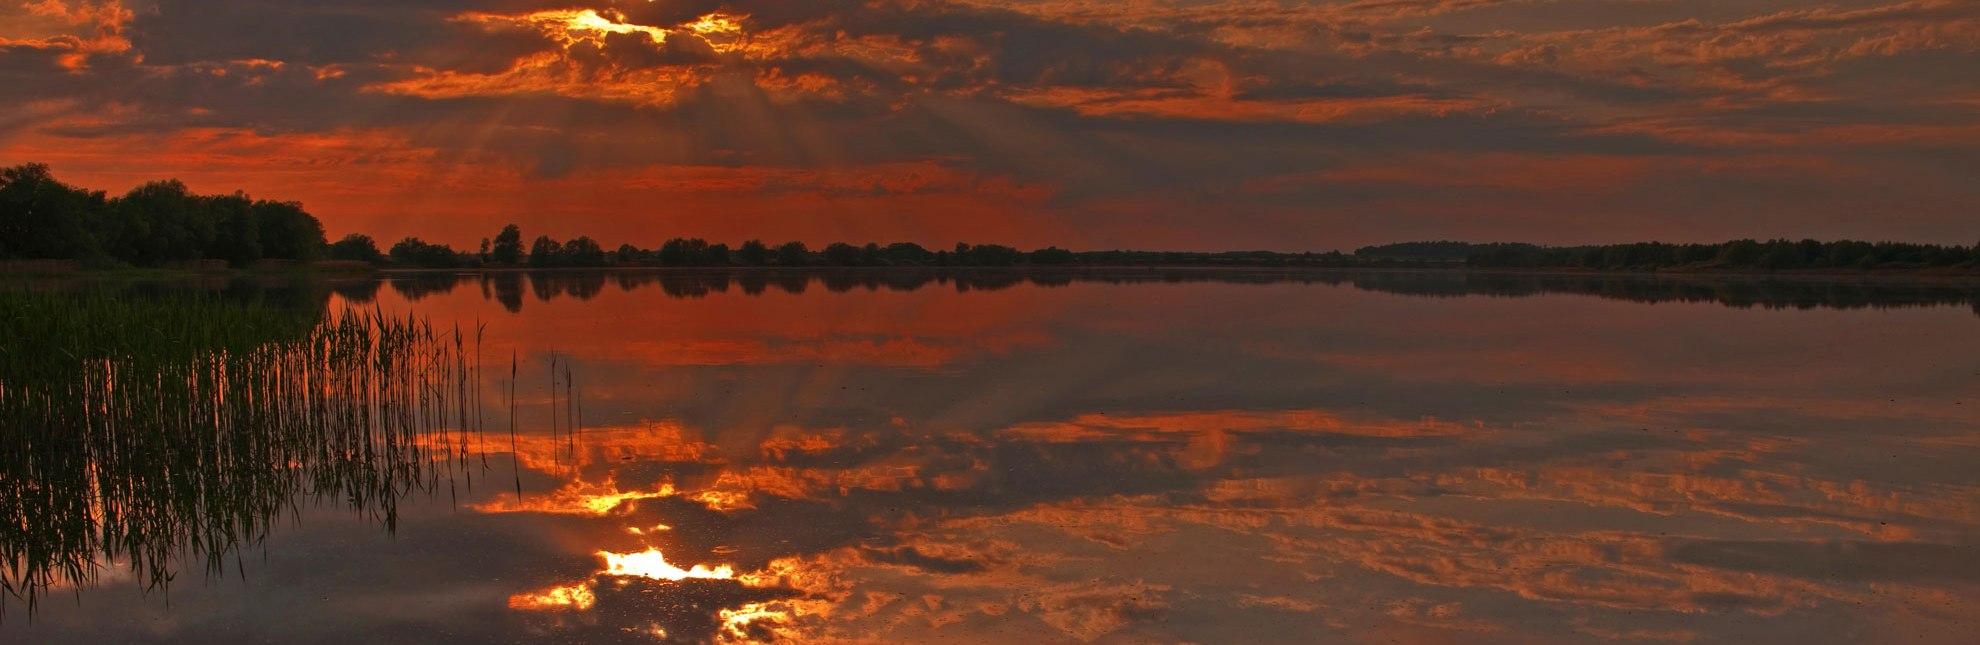 Der Mechower See zeigt sich von seiner farbenfrohsten Seite., © Thomas Ebelt / HLMS GmbH